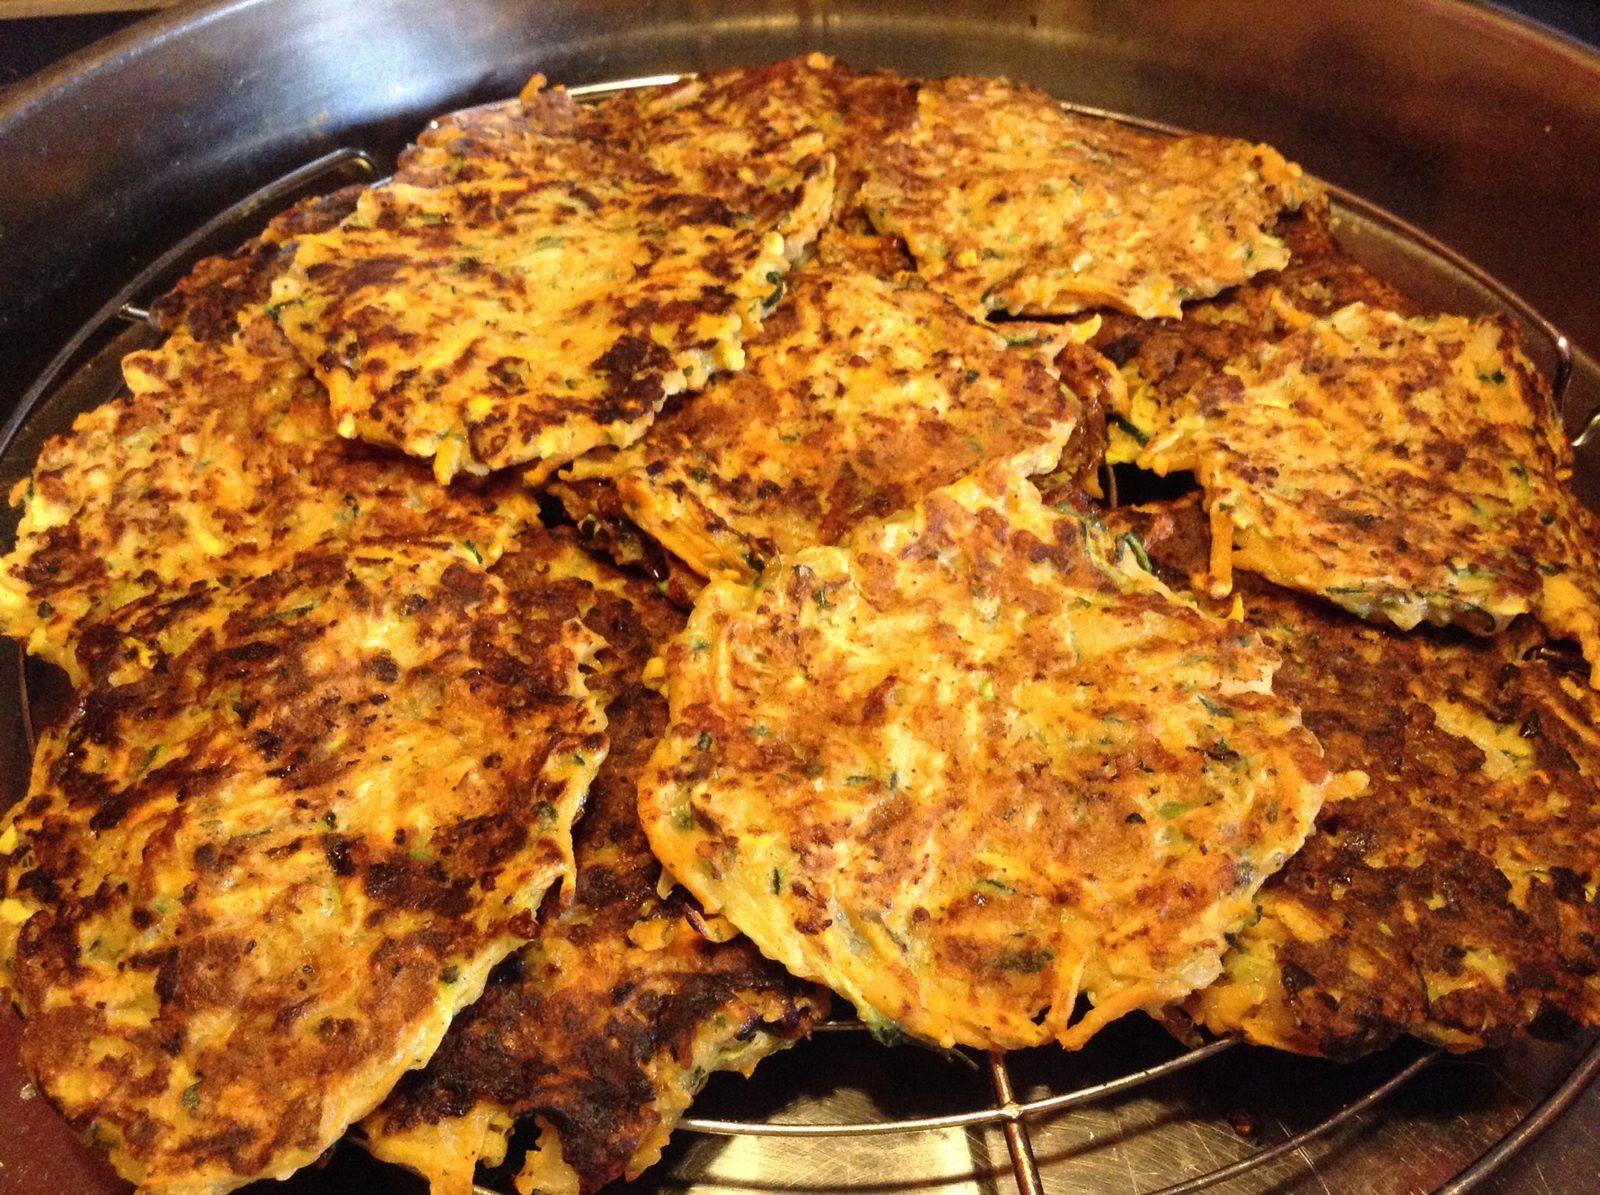 Galettes patate douce et courgette ( végétariens)